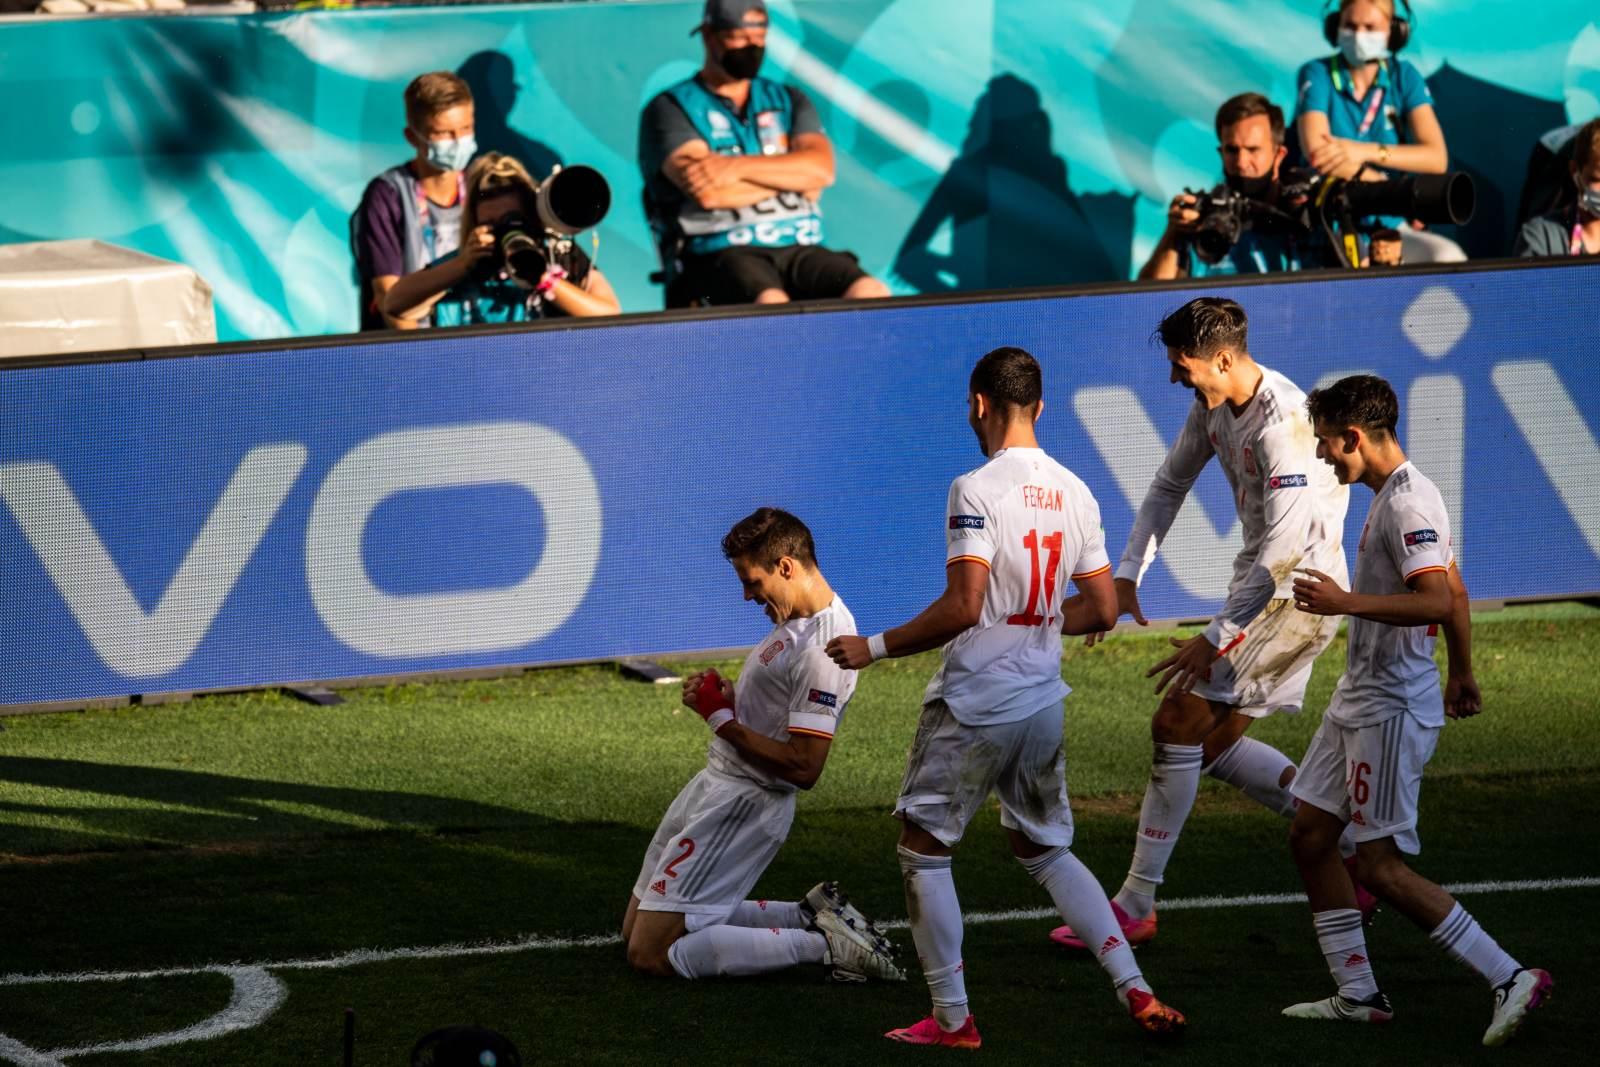 Испания показала Франции, как нужно бить пенальти, выбив Швейцарию в четвертьфинале Евро-2020